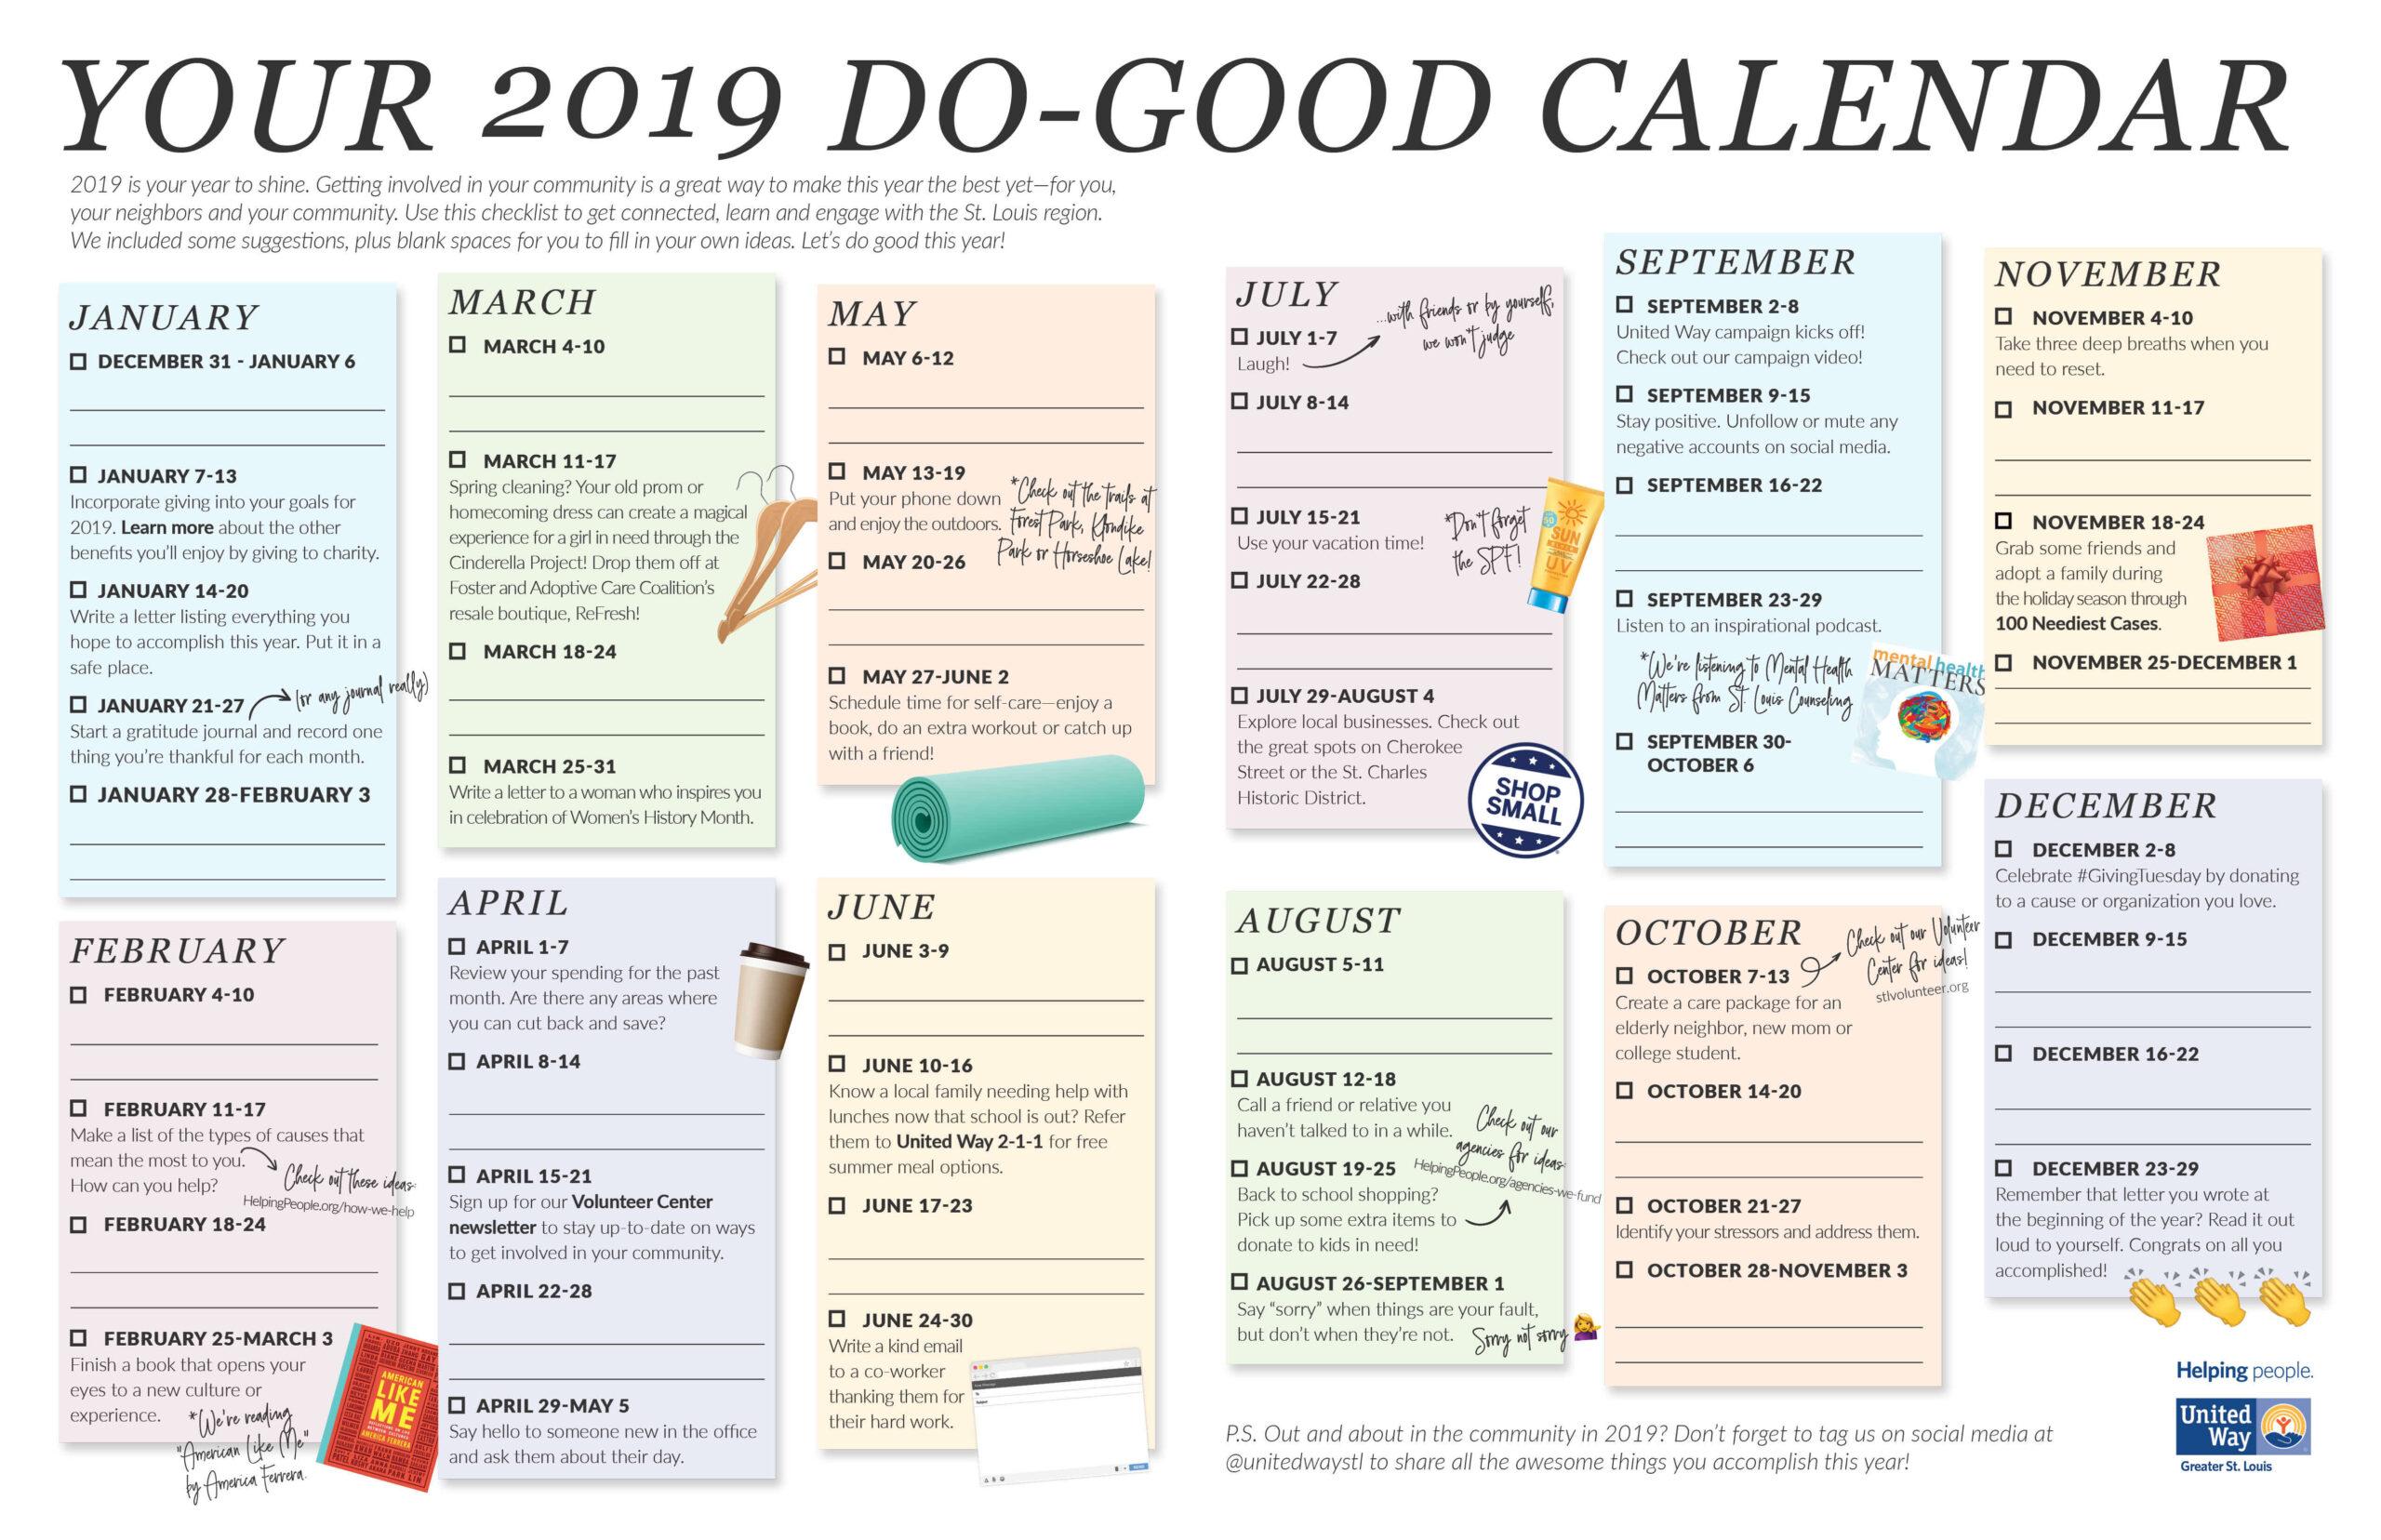 Best 2019 Calendar Your 2019 Do Good Calendar | United Way Greater St. Louis